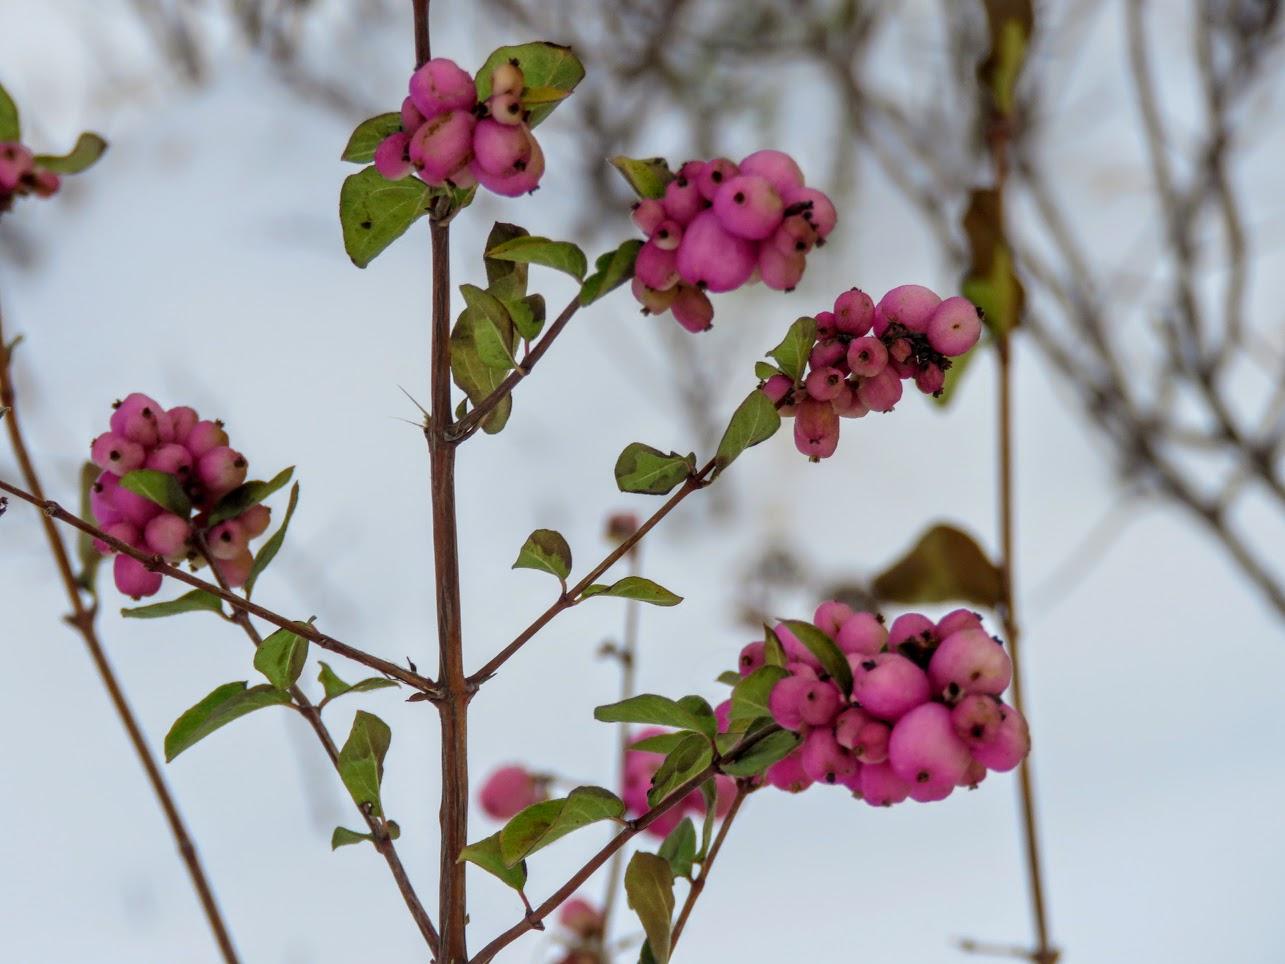 Розовый снежноягодник, снегири и другие прелести дня. Мой Мурыч с утра) IMG 2523